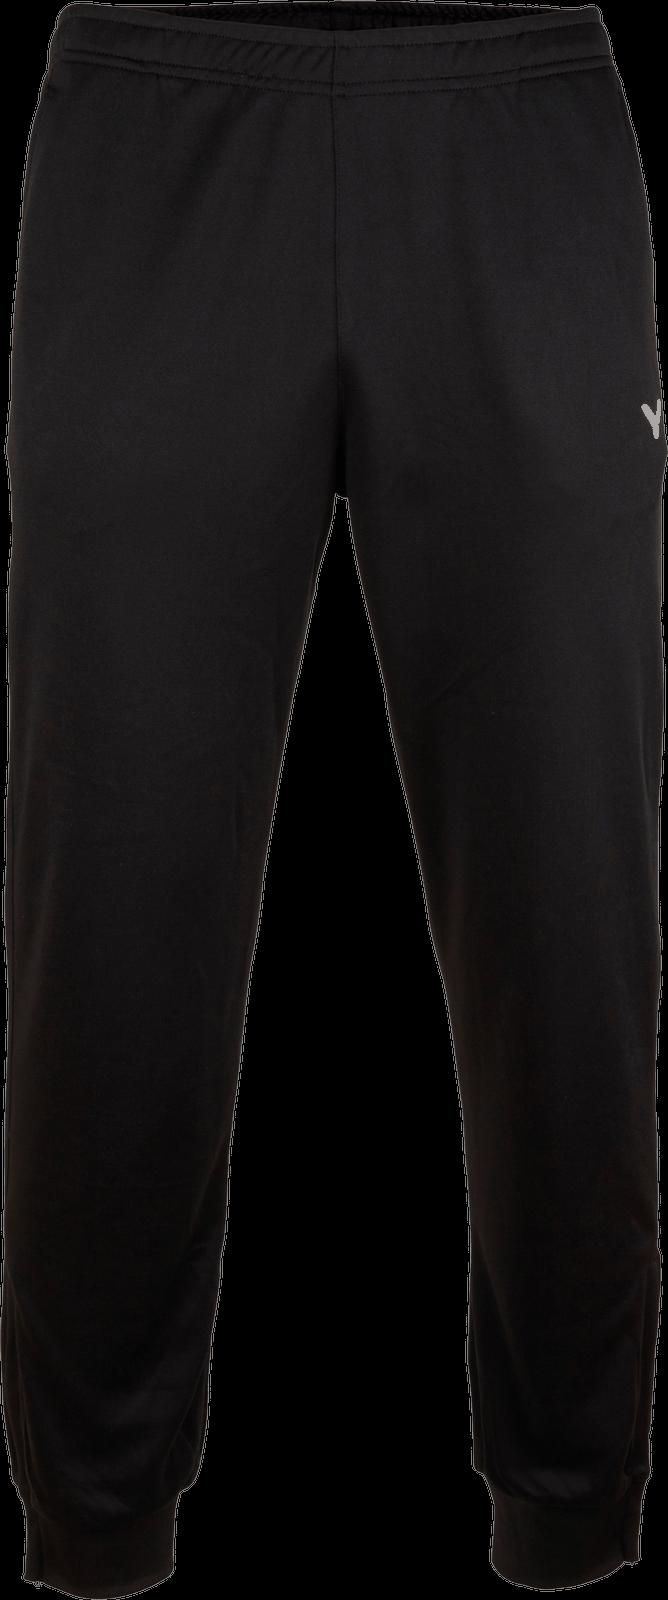 VICTOR TA Pants Team black 3697